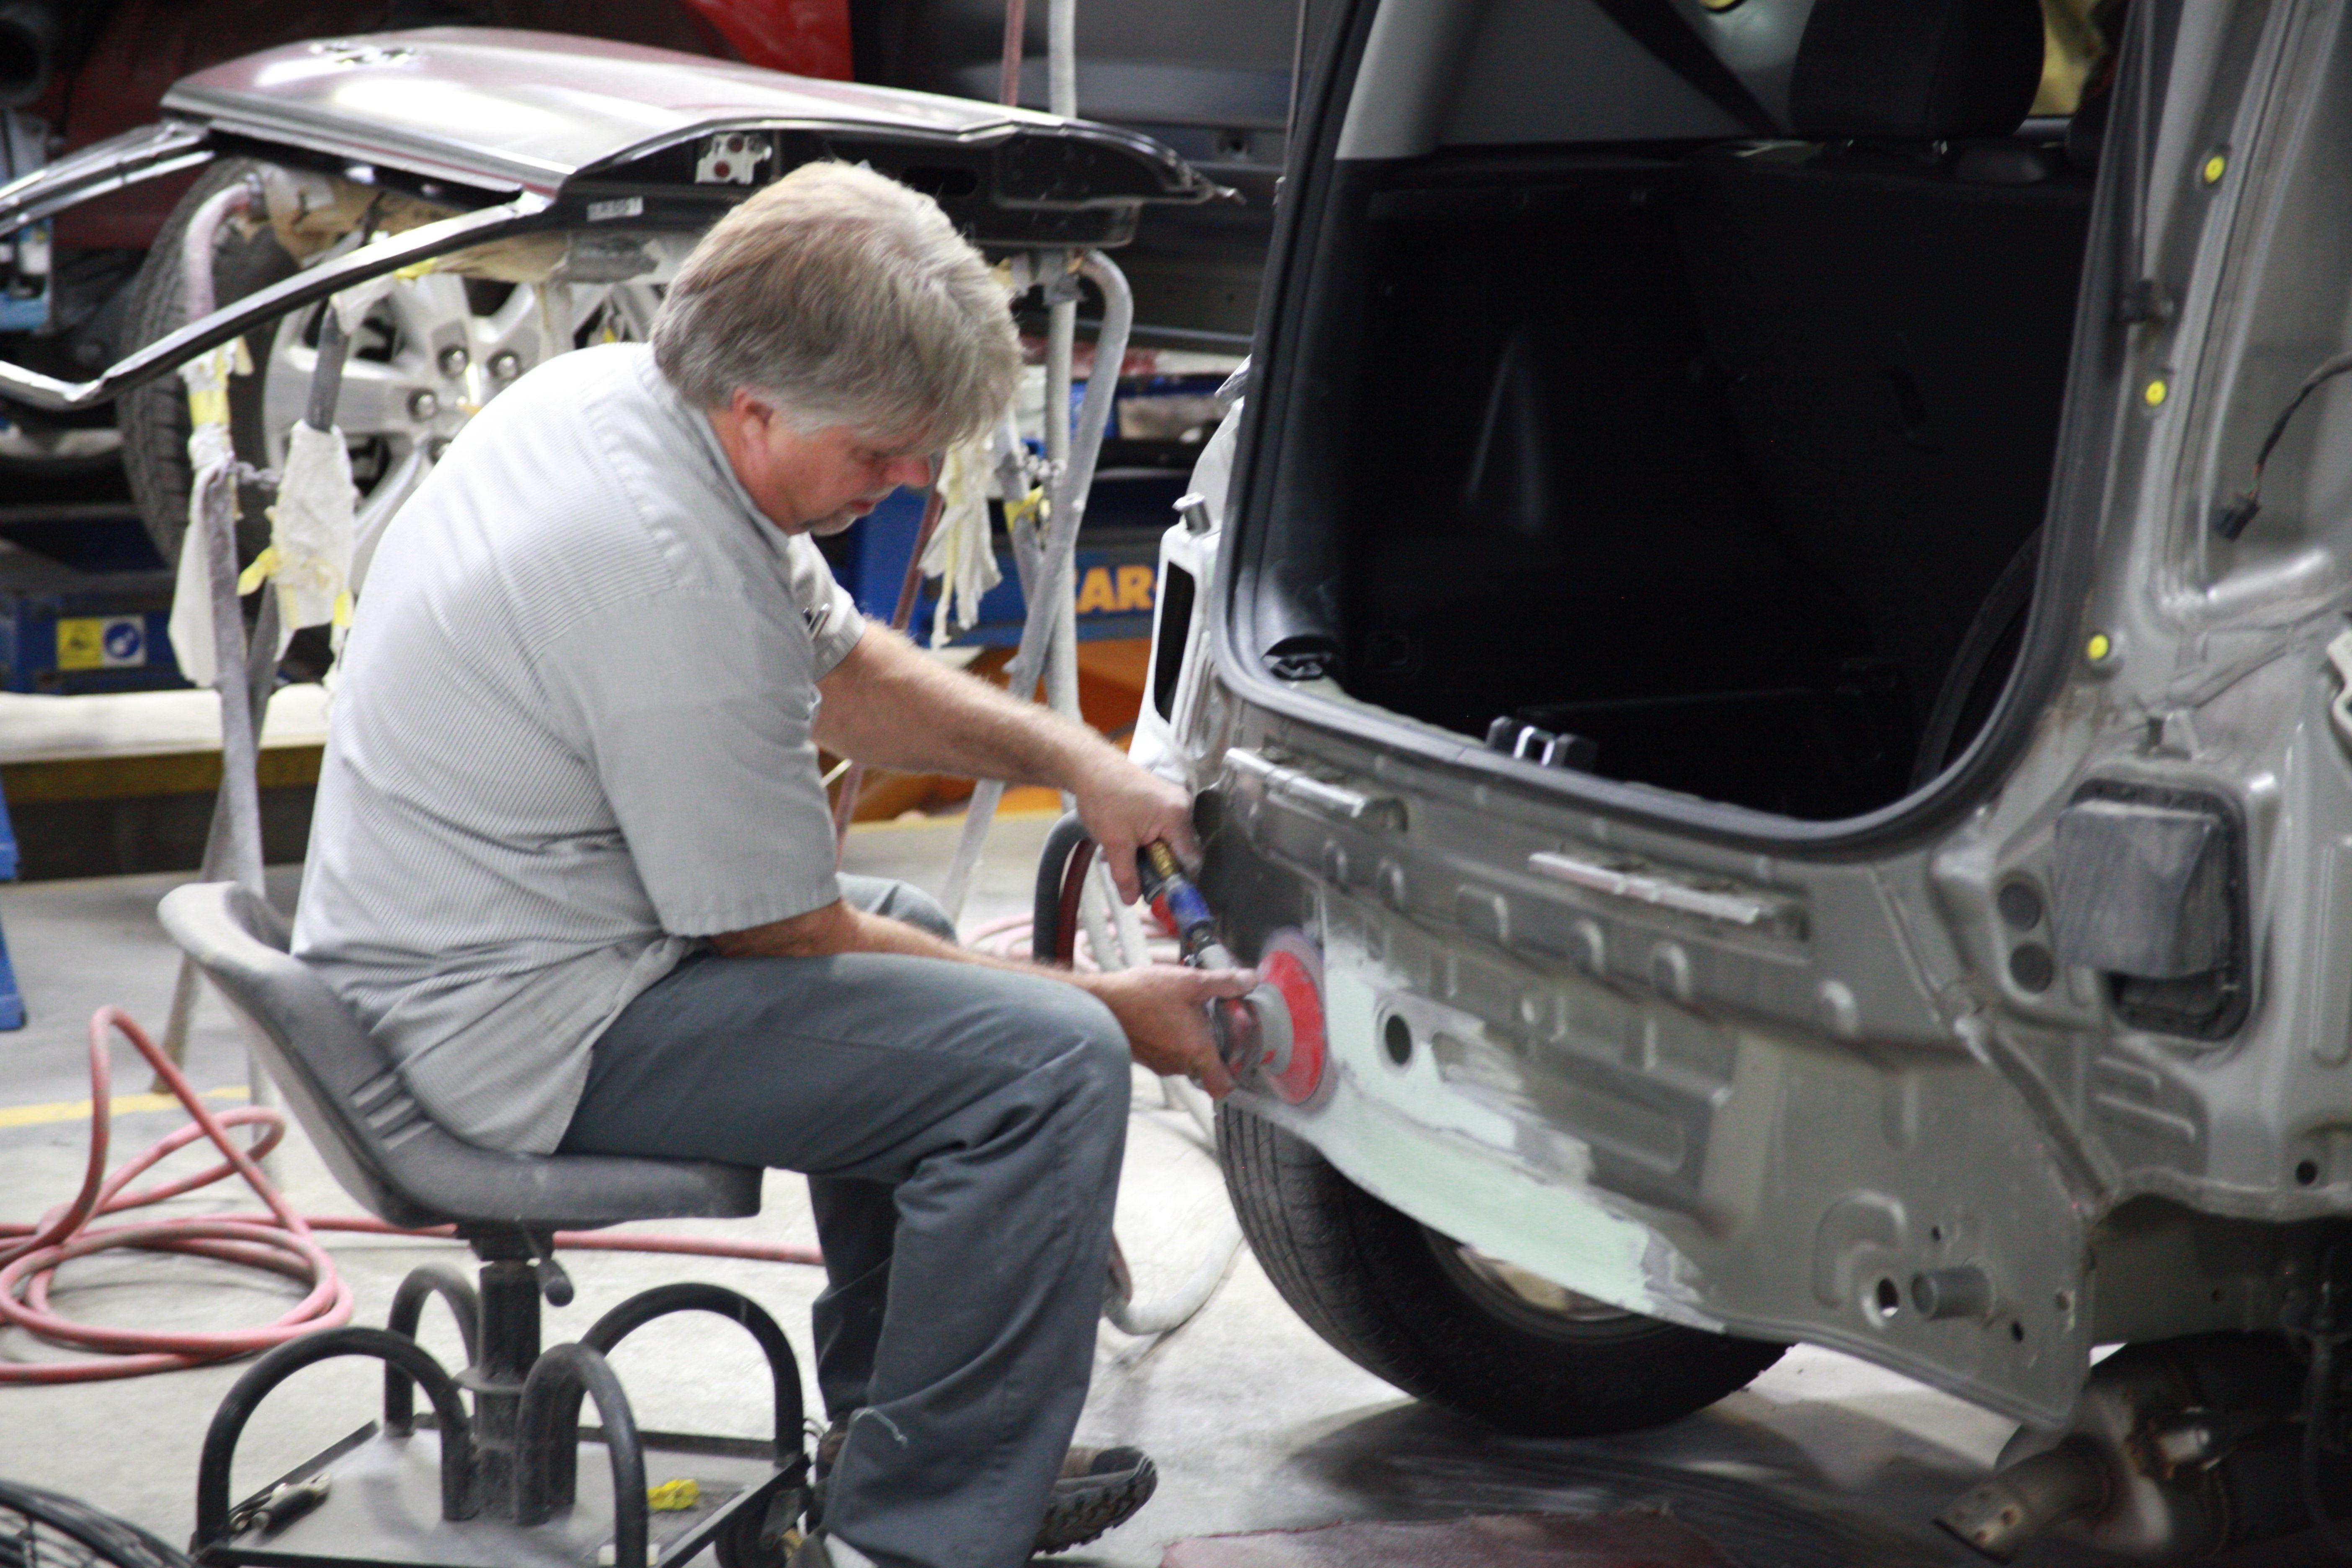 Tech performing collision repair